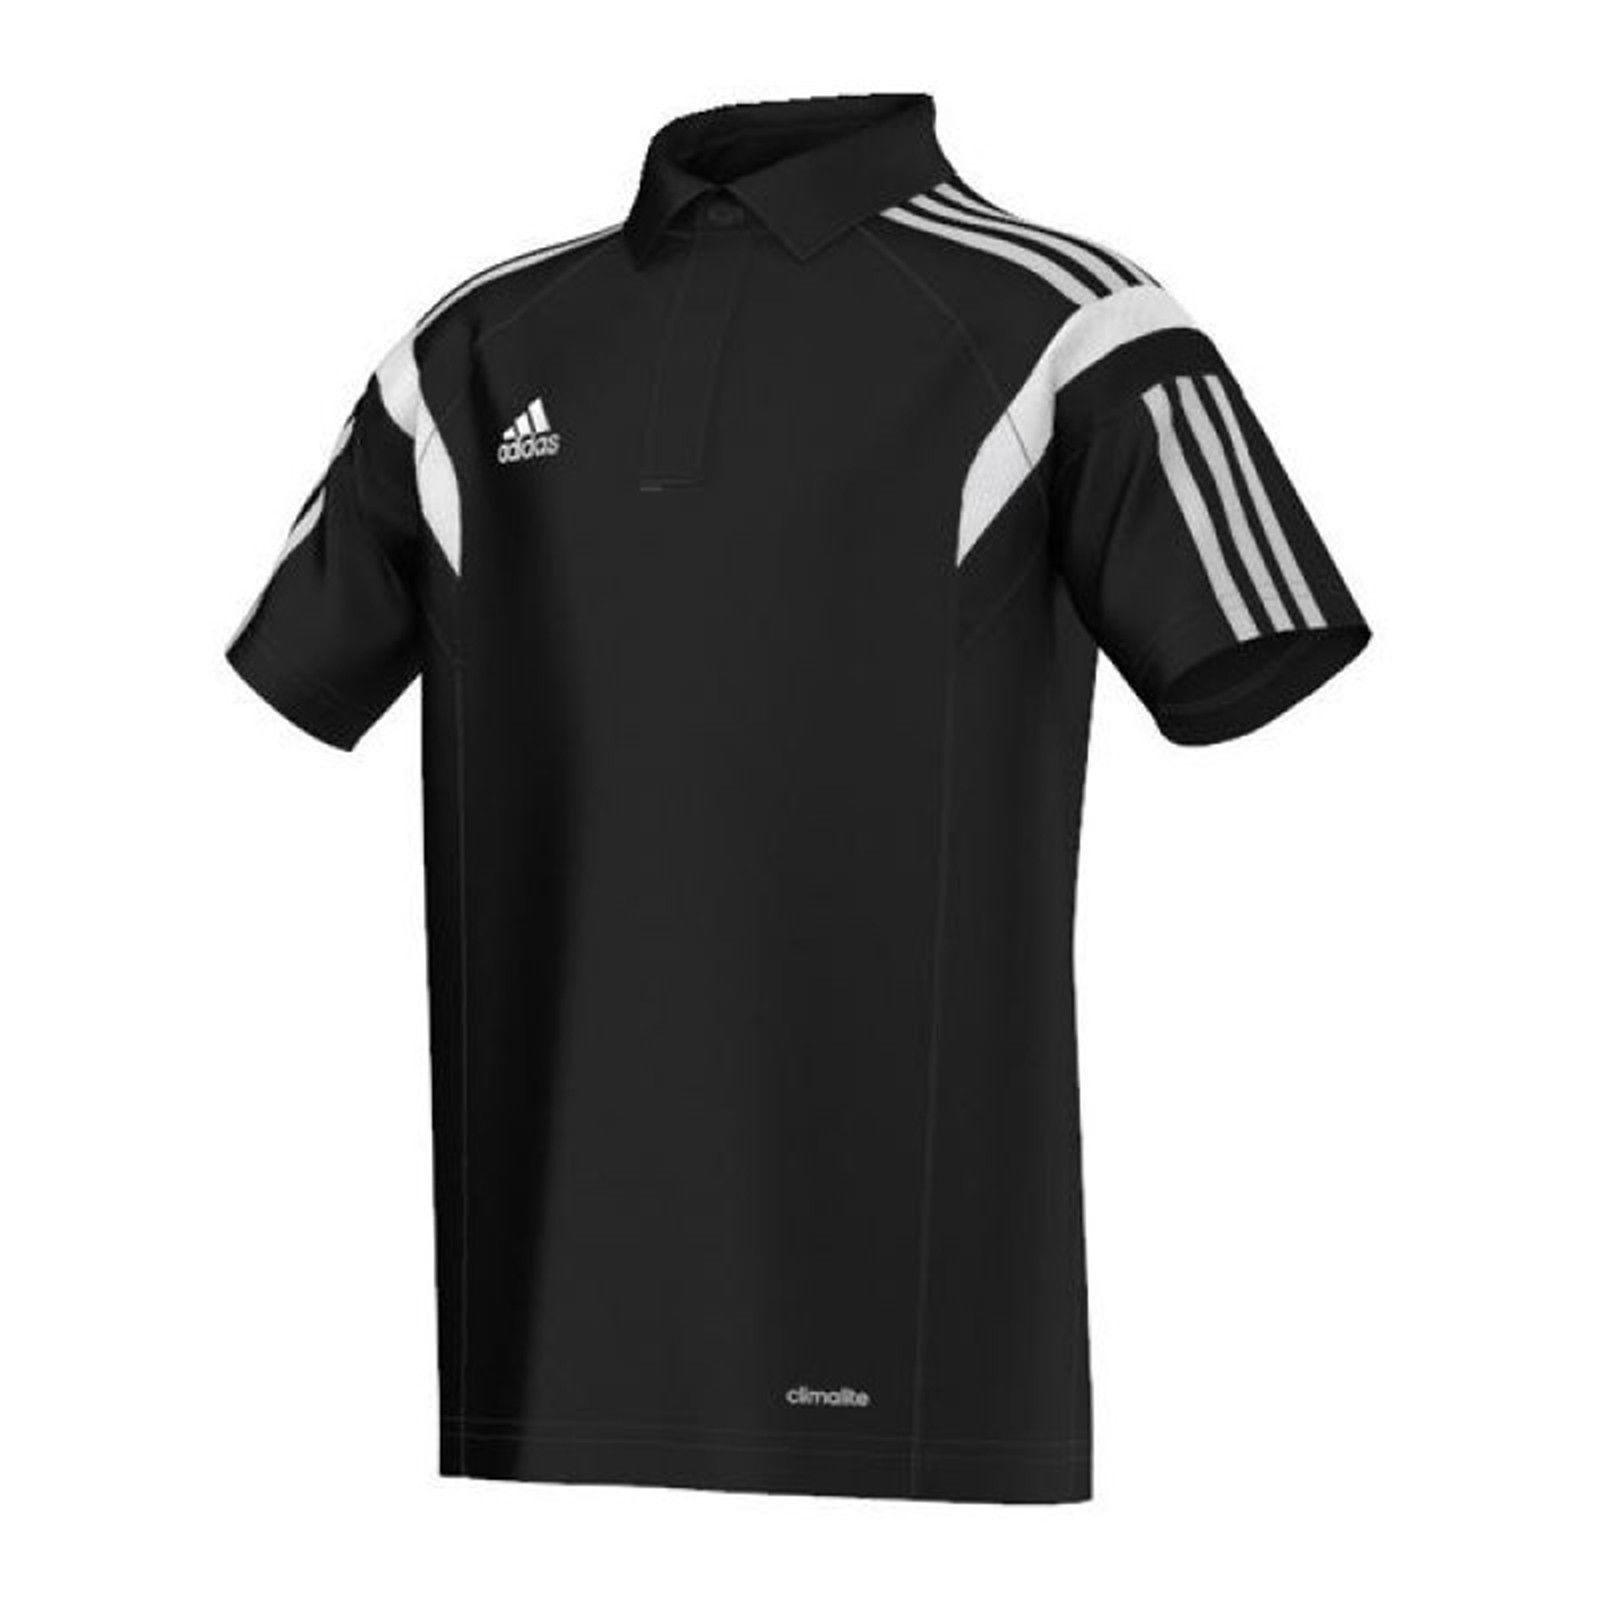 XL NEU XS Adidas Court Polo Damen Poloshirt Shirt Sport Climalite Gr